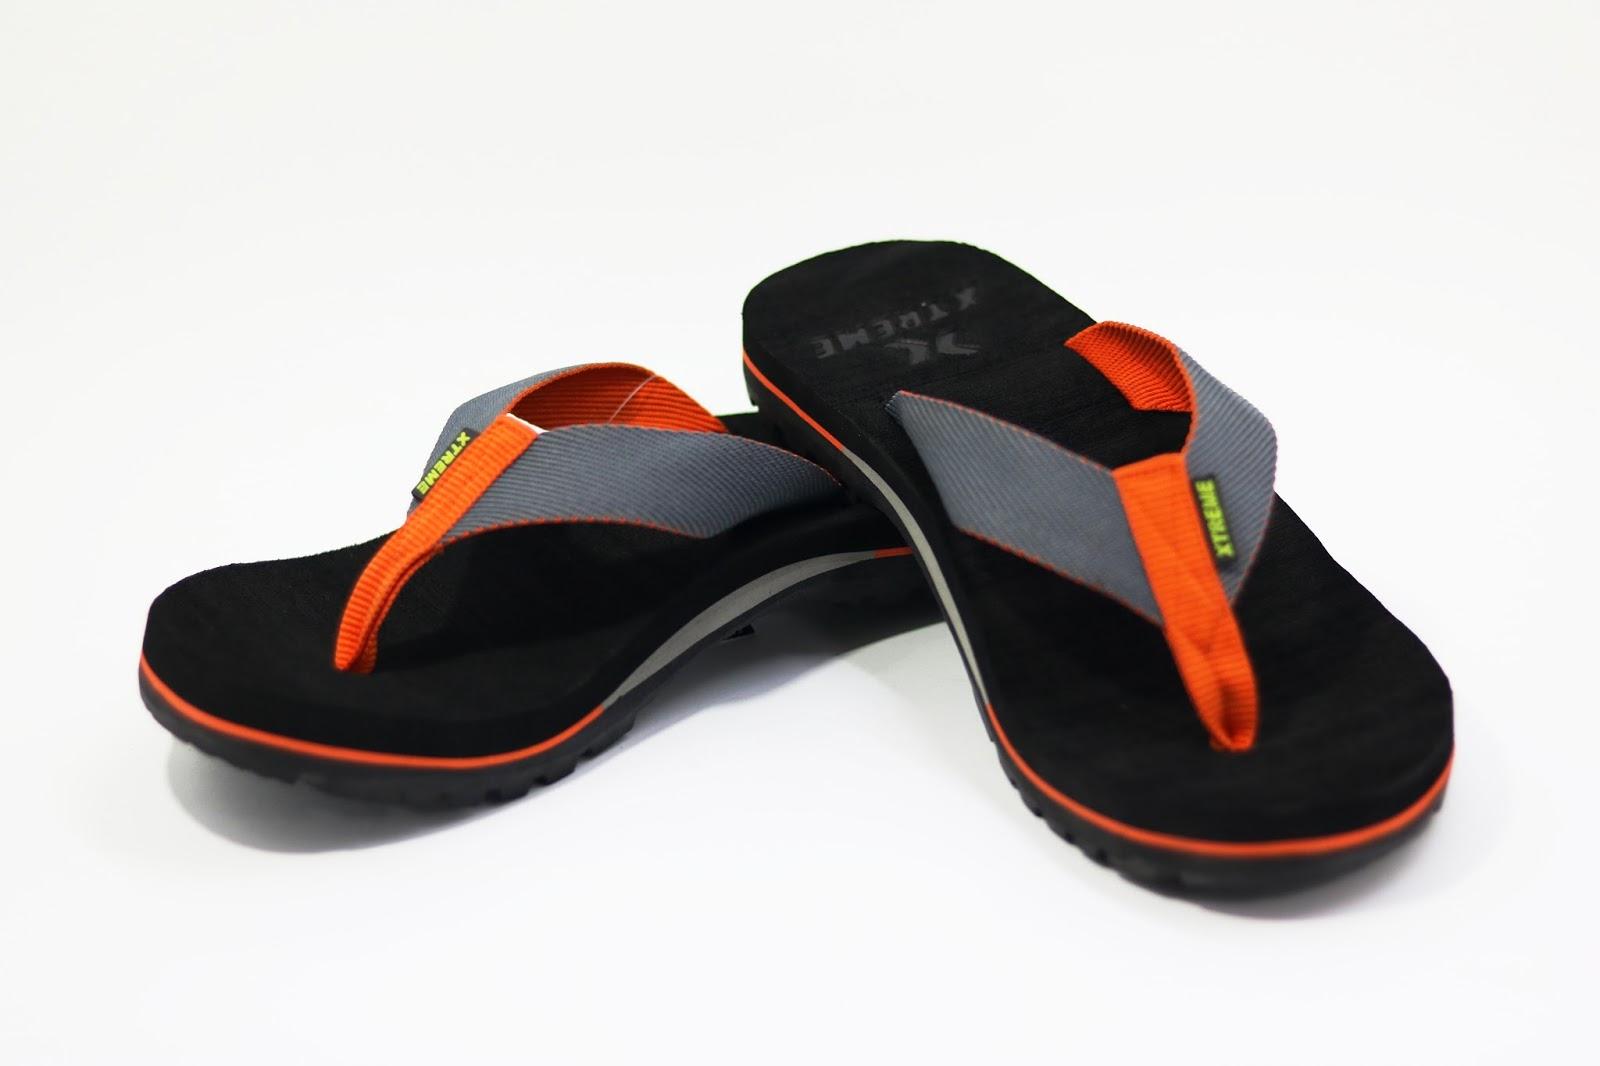 Sandal Pria Terbaru Sendal Xtreme Murah Pusat Grosir